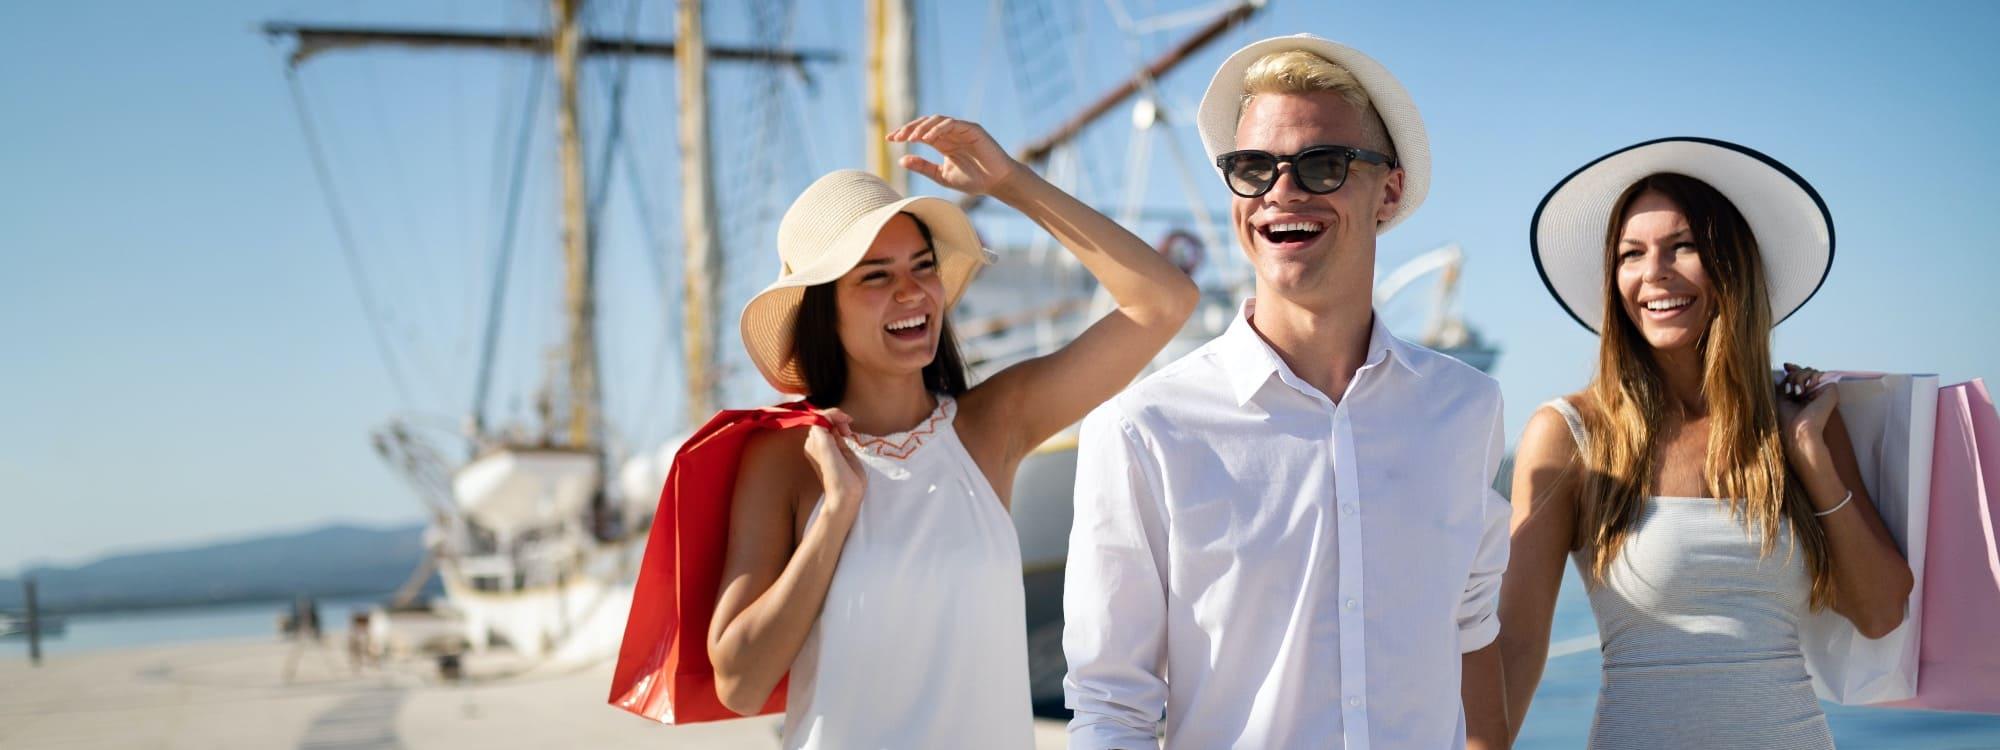 Glückliche Freunde auf Segelkreuzfahrt